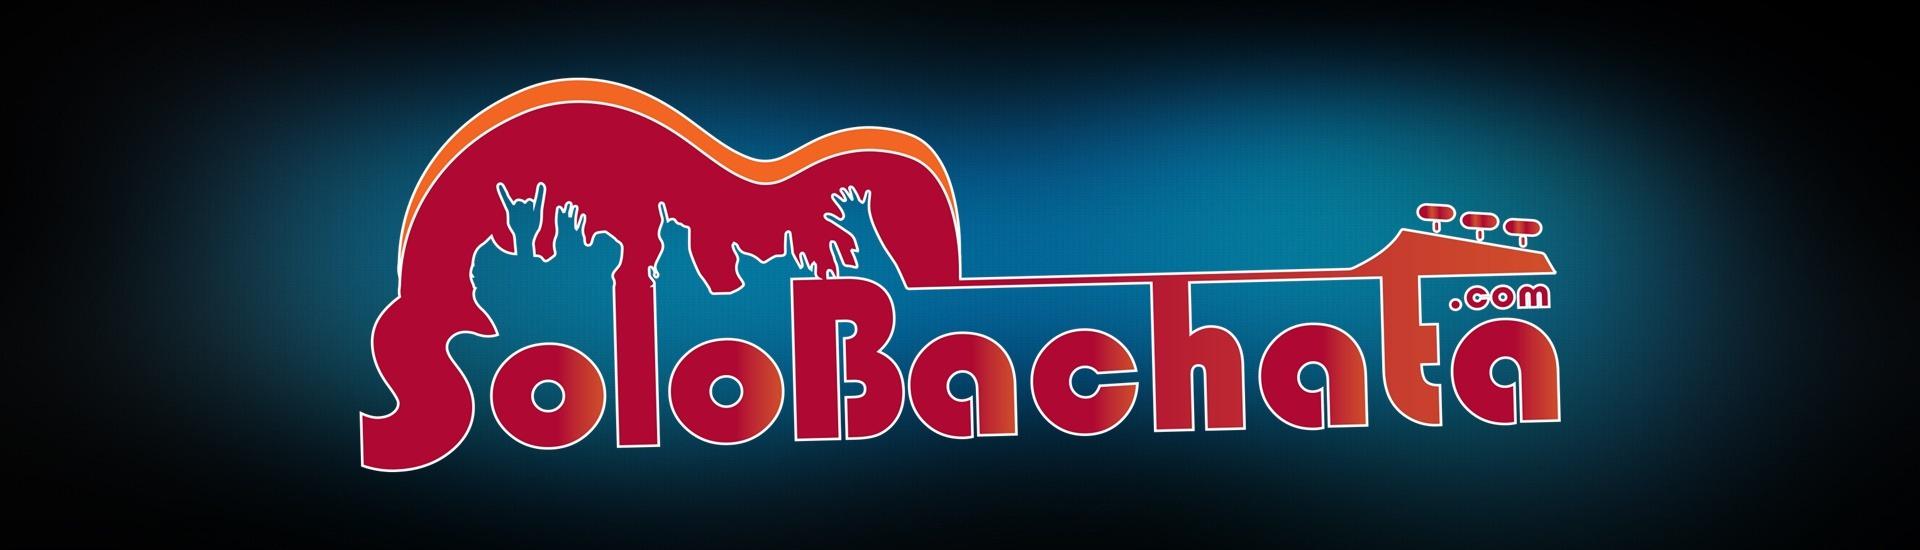 solobachata.com_